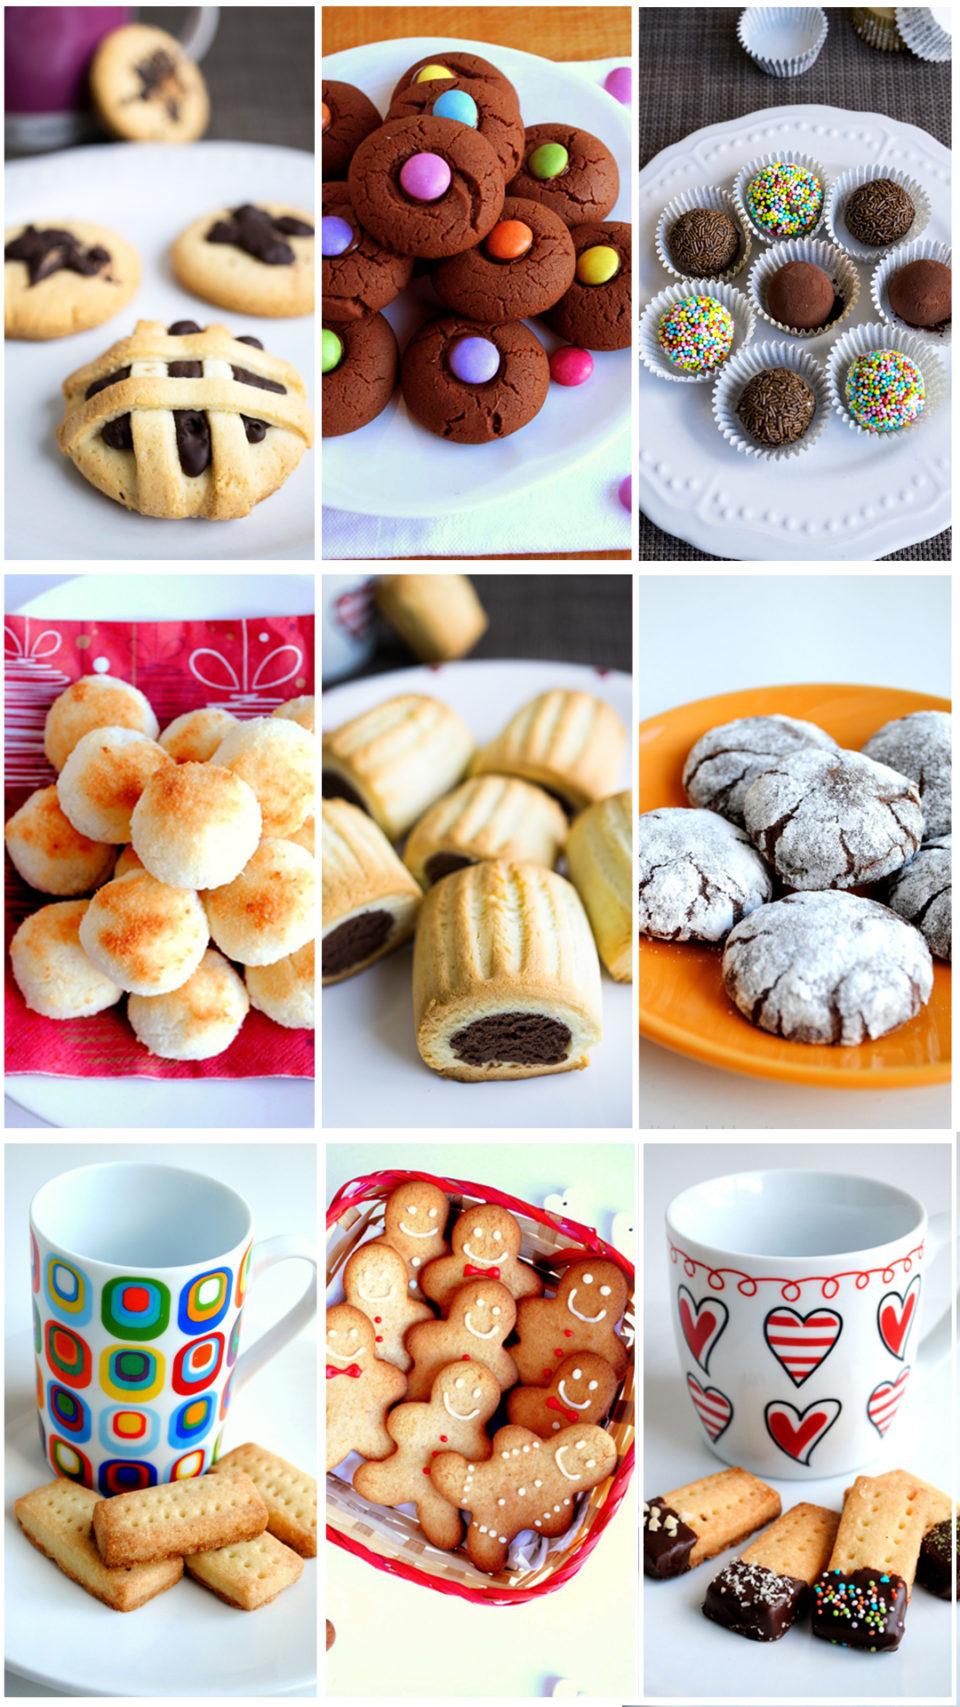 Dolci Di Natale Fatti In Casa Da Regalare.Biscotti Di Natale Da Regalare Ricette Facili Deliziando